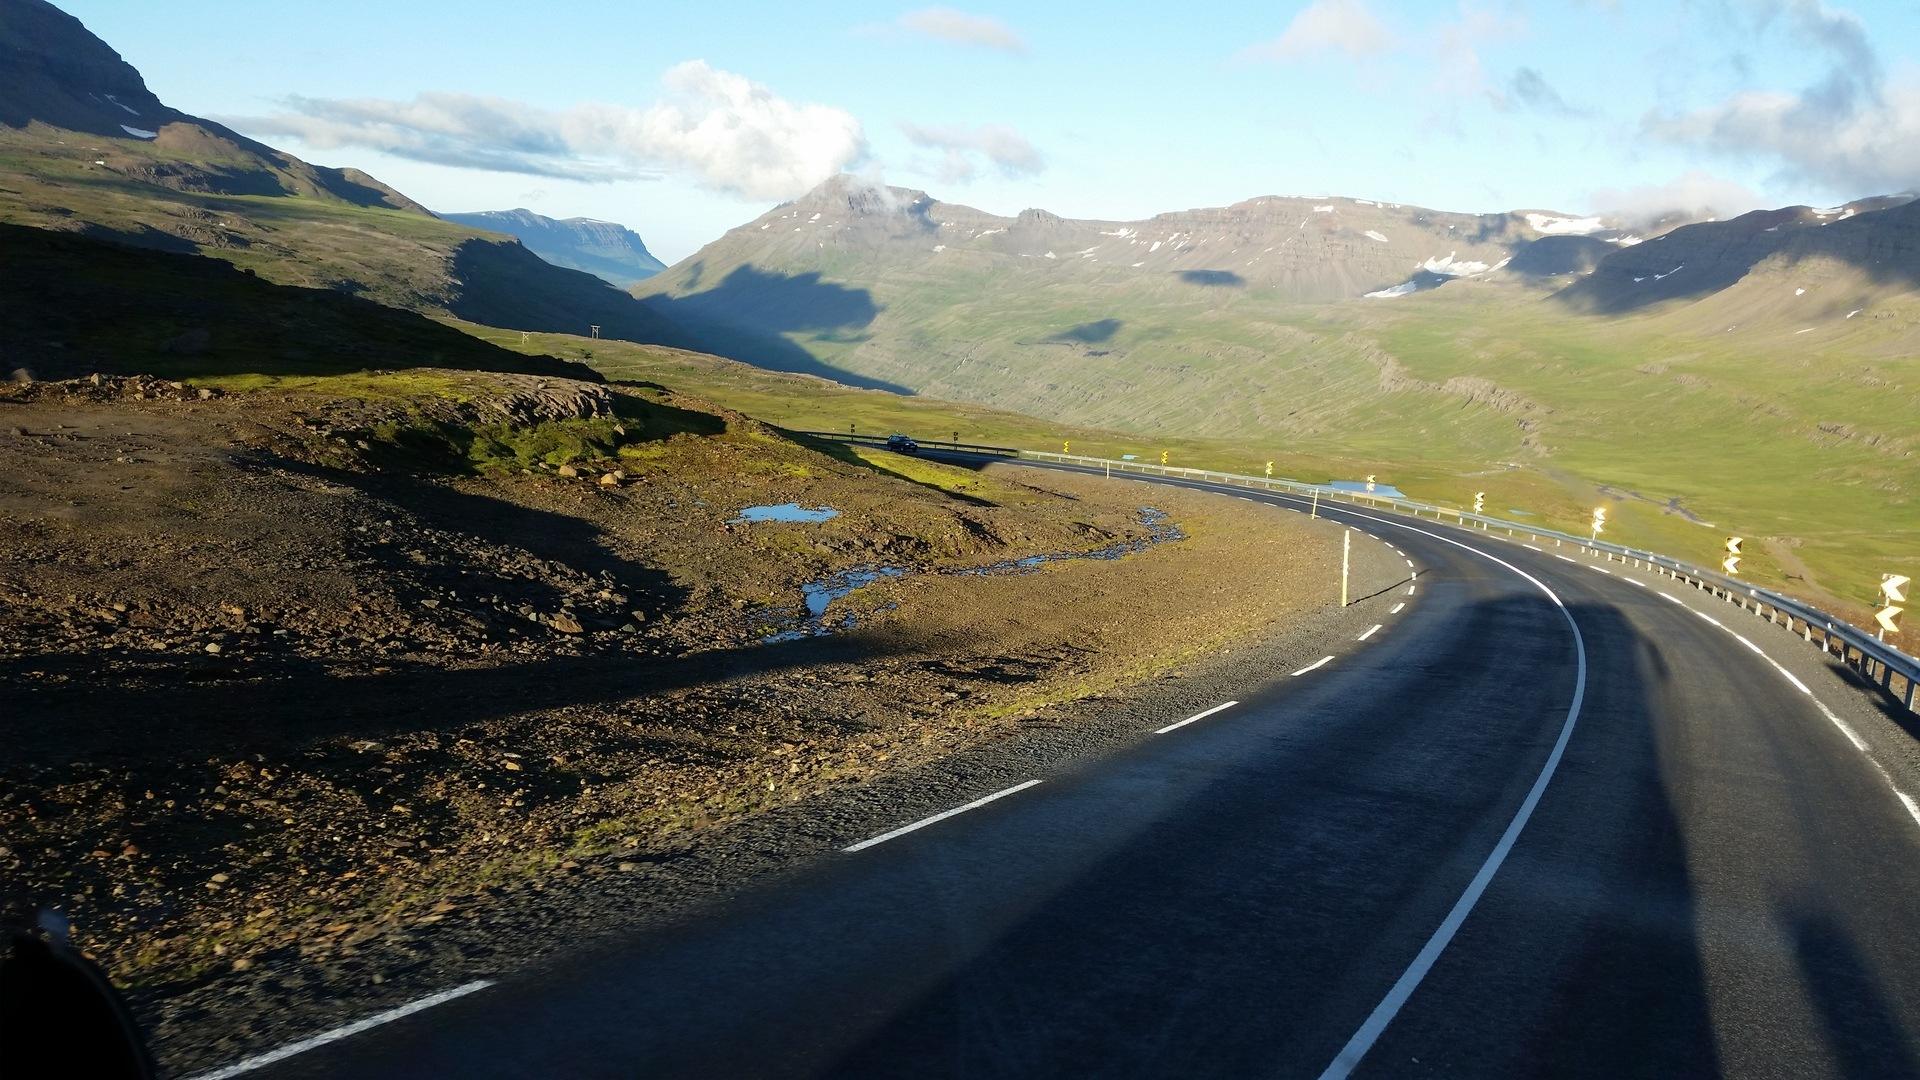 24 août : de quelque part sur la route 94 à Seyðisfjörður